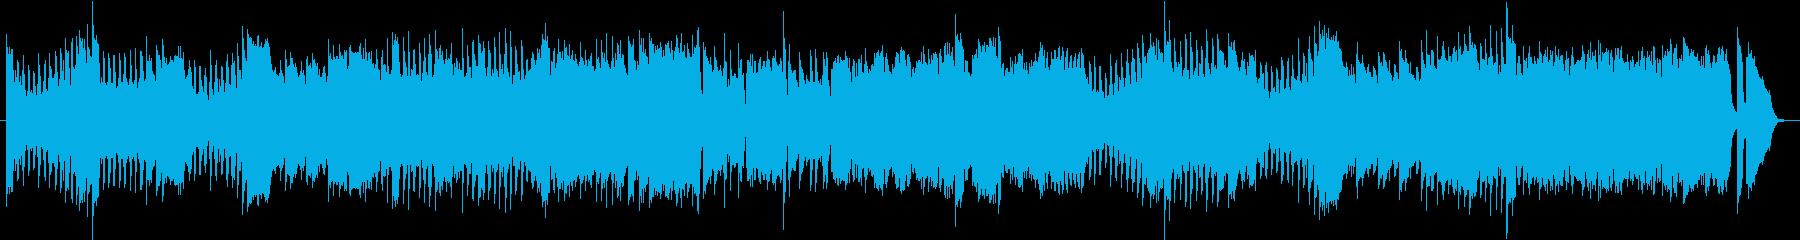 ショパン エチュード10-4 ピアノソロの再生済みの波形